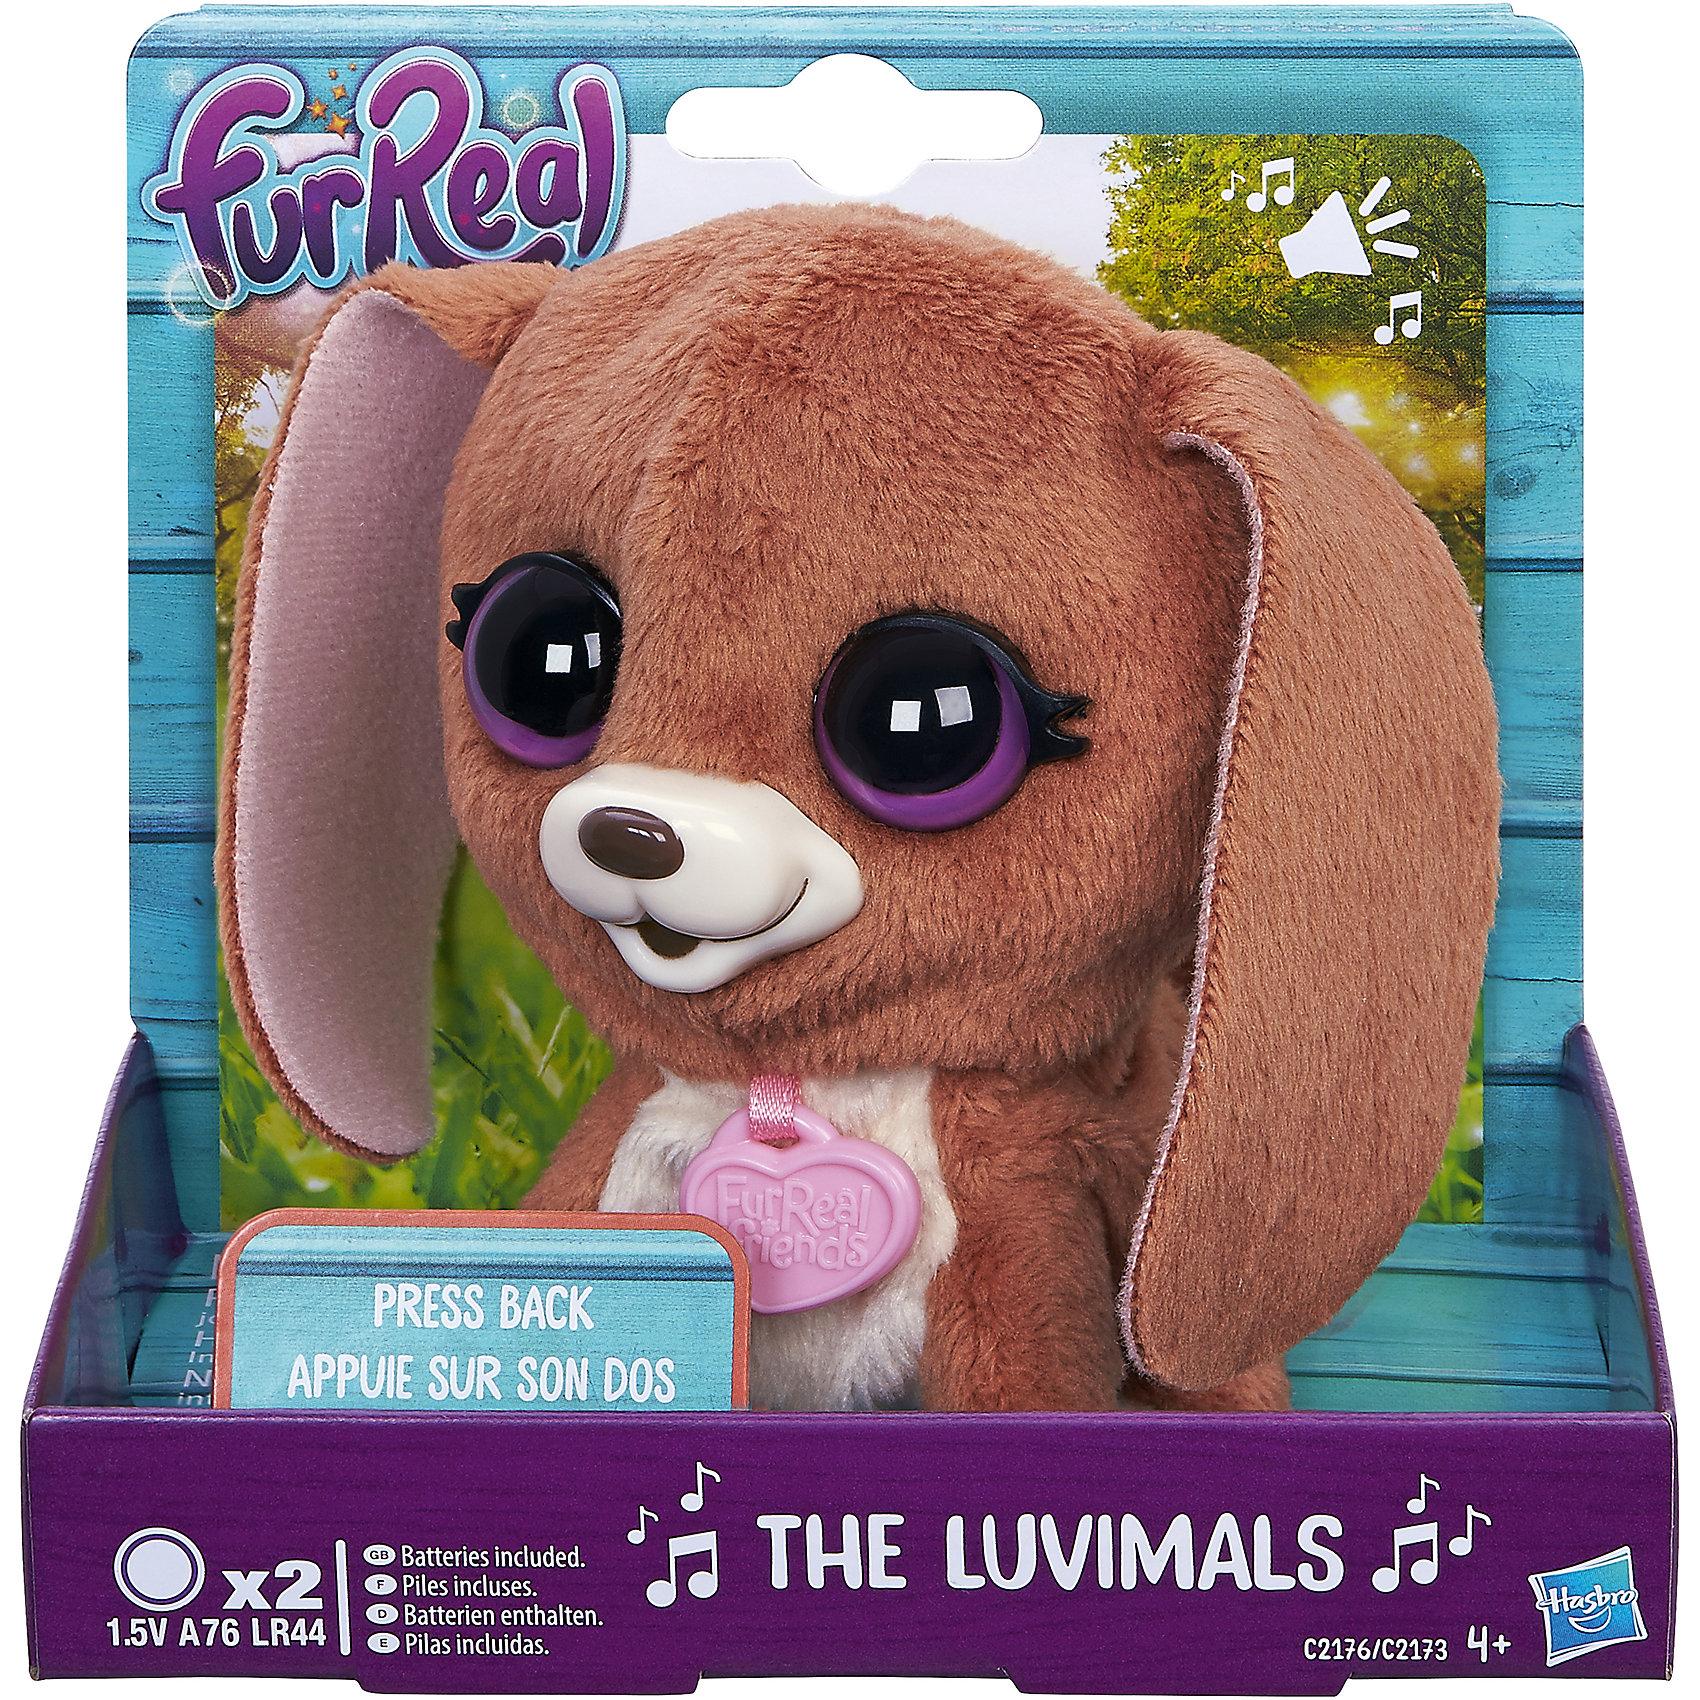 Собачка, FurReal Friends, HasbroМягкие игрушки животные<br>Характеристики:<br><br>• Вид игр: сюжетно-ролевые, коллекционирование<br>• Пол: для девочек<br>• Коллекция: Поющие зверята<br>• Материал: текстиль, пластик<br>• Батарейки: 2 х A76 / LR44 (предусмотрены в комплекте)<br>• Высота игрушки: 9-11 см<br>• Поворачивают голову<br>• Умеют петь<br>• Вес в упаковке: 130 г<br>• Размеры упаковки (Д*Ш*В): 11,4*10,2*12,7 см<br>• Упаковка: картонная коробка <br><br>Поющие зверята, Furreal, C2173/C2174 – это коллекция милых пушистых животных от Хасбро, которые умеют петь. Все зверушки выполнены из плюша с ворсом, за счет чего они очень приятные на ощупь, большие выразительные глазки придают игрушкам очень миловидный облик. У каждого зверька на шее имеется пластиковый кулон с брендовой надписью. Игрушки умеют не только петь соло, но и дуэтом. Благодаря компактному размеру, их можно брать с собой в дорогу или в качестве талисмана. Собачка выполнена из плюша коричневого цвета и у нее большие фиолетовые глаза. Сюжетно-ролевые игры с музыкальными игрушками способствуют развитию художественно-эстетического и музыкального вкуса, а разыгрываемые сюжетно-ролевые игры с домашними любимцами развивают чувство ответственности и заботы. <br><br>Поющих зверят, Furreal, C2173/C2174 можно купить в нашем интернет-магазине.<br><br>Ширина мм: 102<br>Глубина мм: 127<br>Высота мм: 114<br>Вес г: 151<br>Возраст от месяцев: 48<br>Возраст до месяцев: 144<br>Пол: Женский<br>Возраст: Детский<br>SKU: 5363494